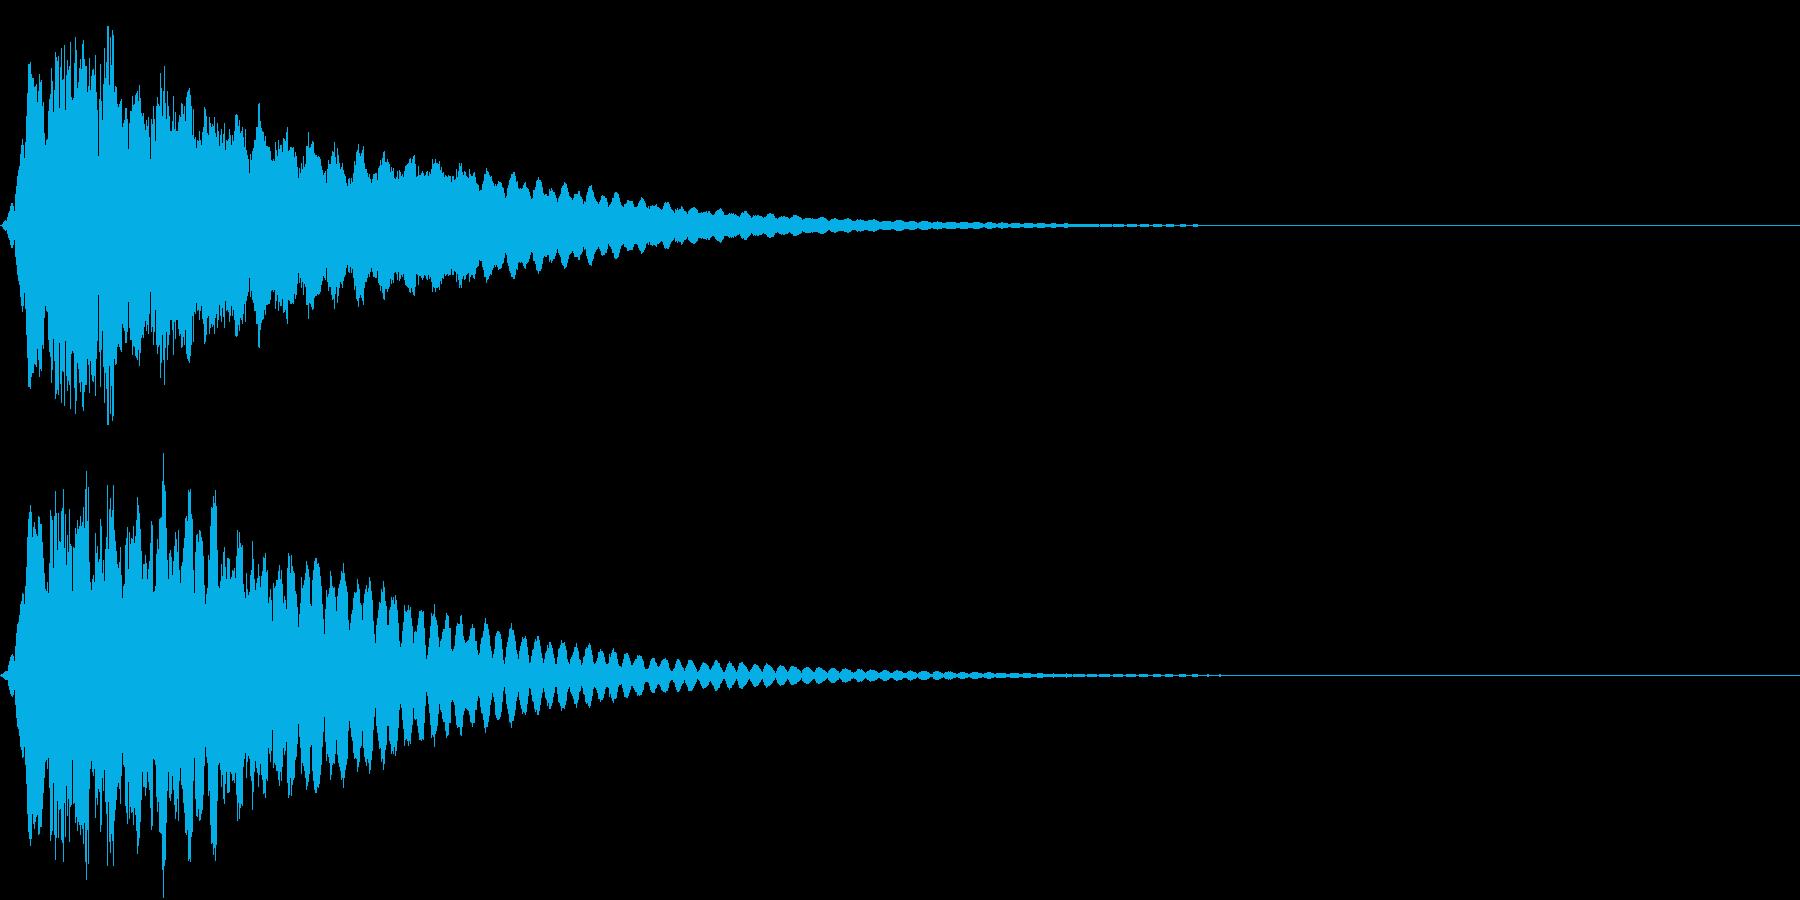 キュイン ボタン ピキーン キーン 17の再生済みの波形